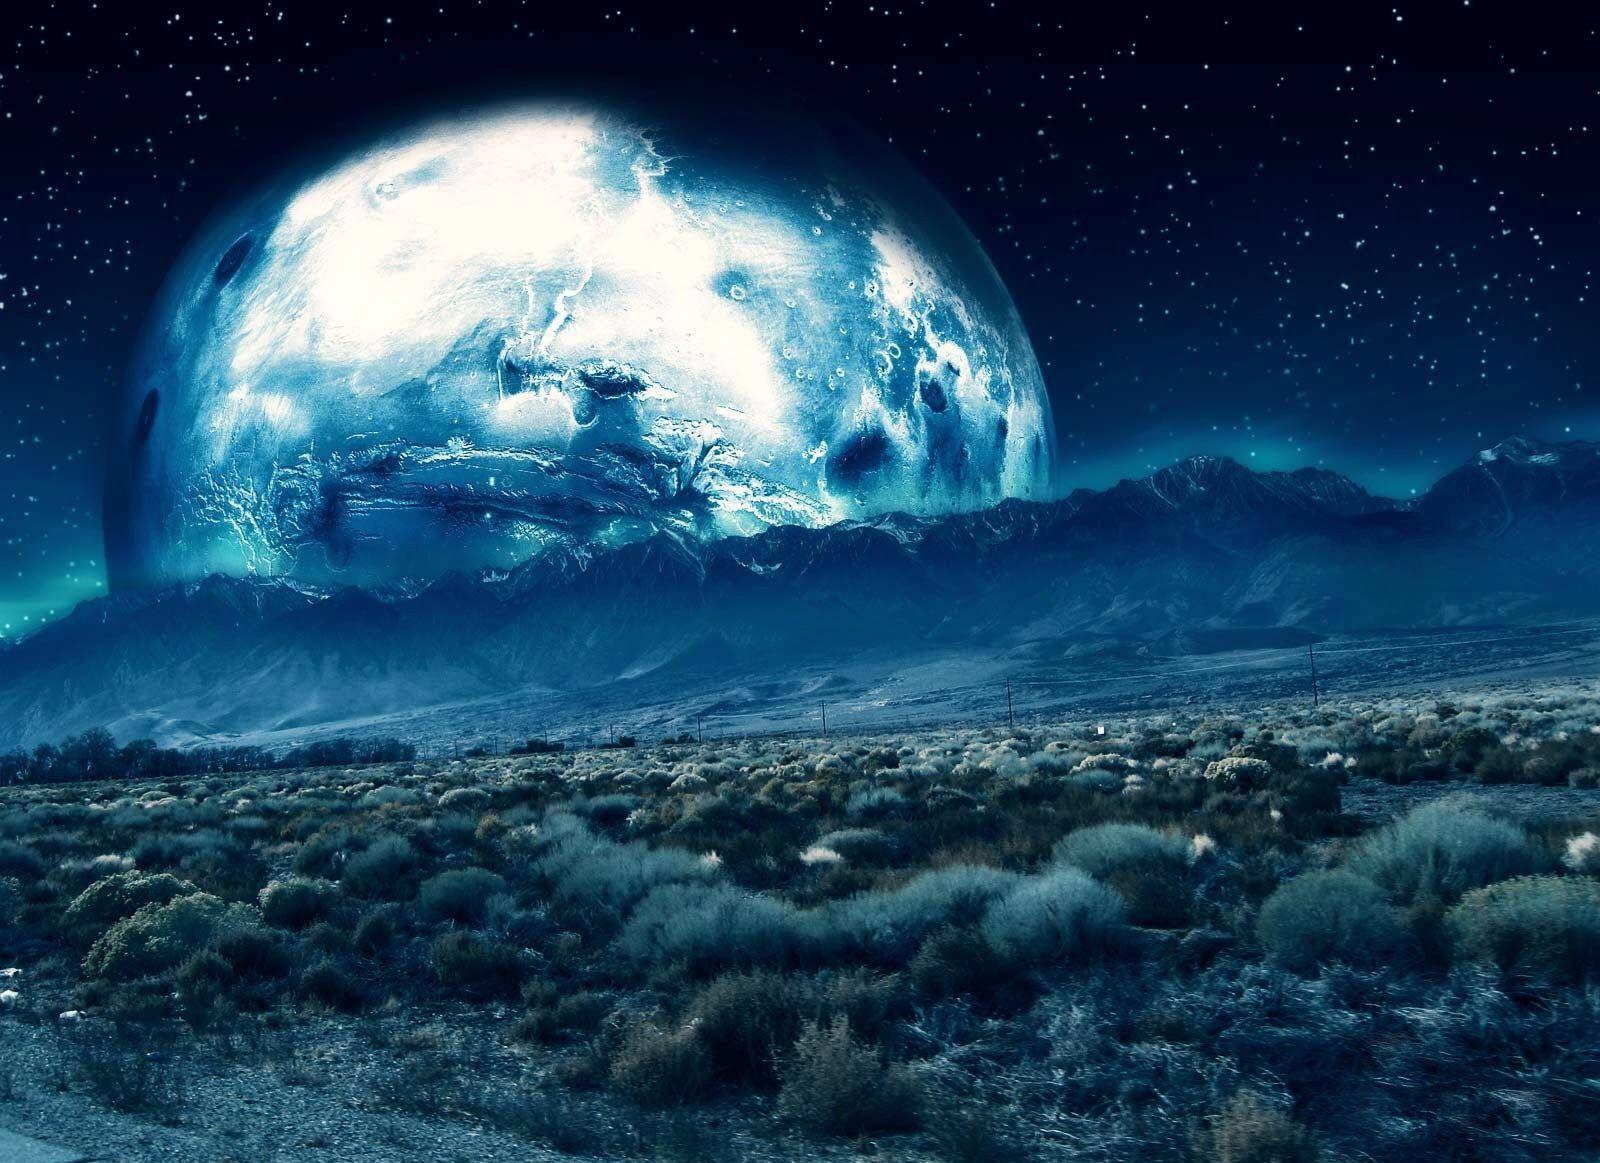 صور خلفيات ديسك توب خلفيات متحركة وساكنة لسطح المكتب خلفيات Sci Fi Wallpaper Space Art Fantasy Art Landscapes